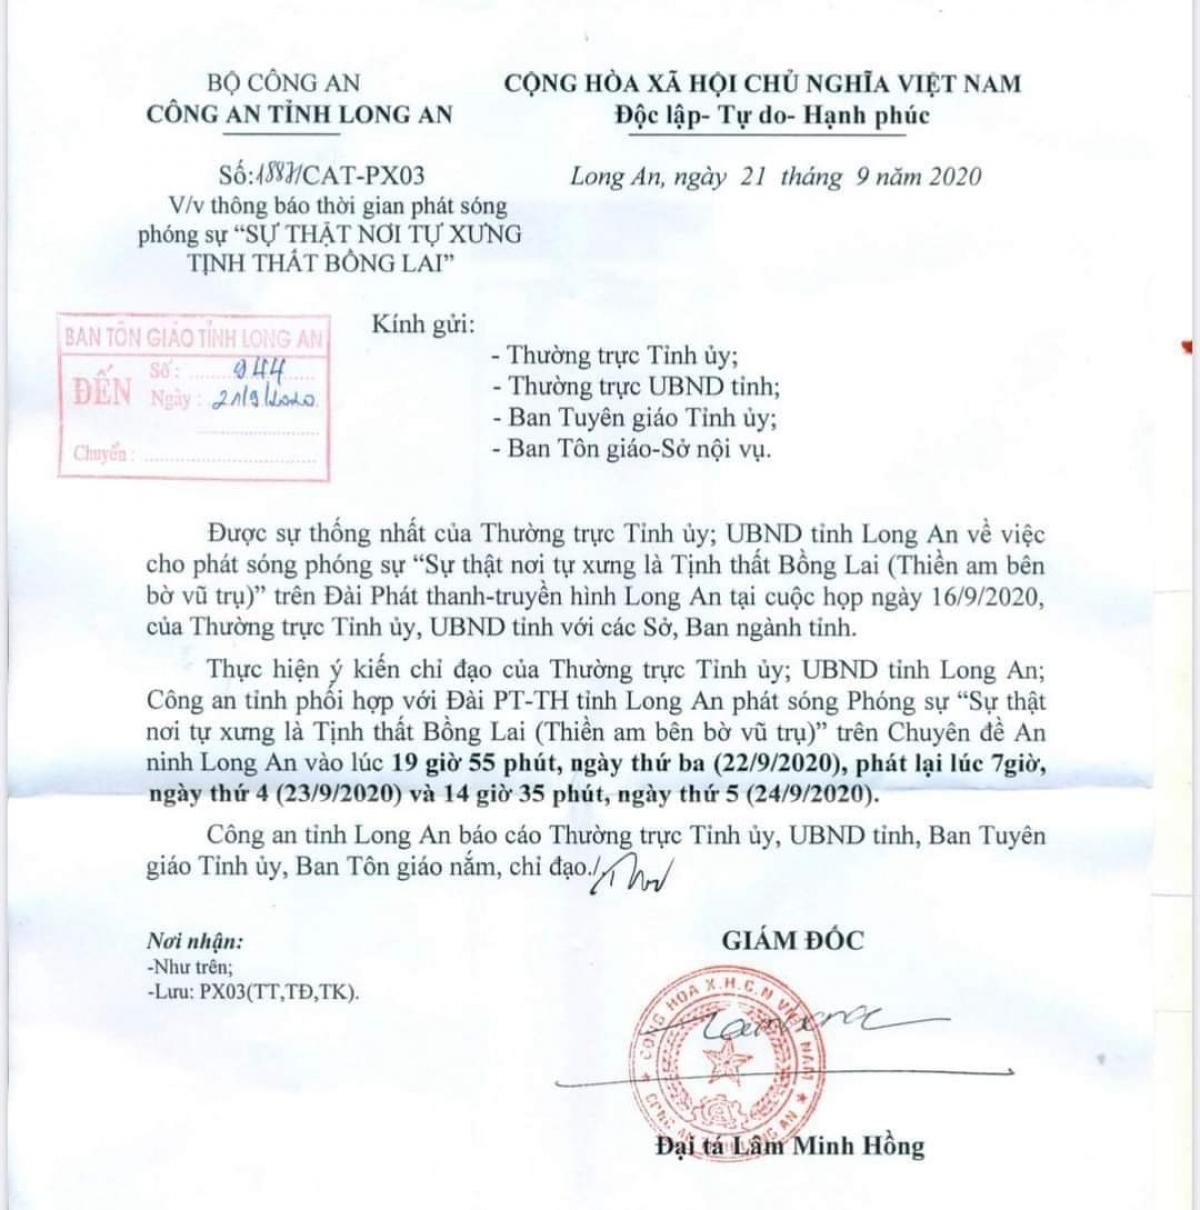 Công an tỉnh Long An thông báo phát sóng phóng sự nhan đề